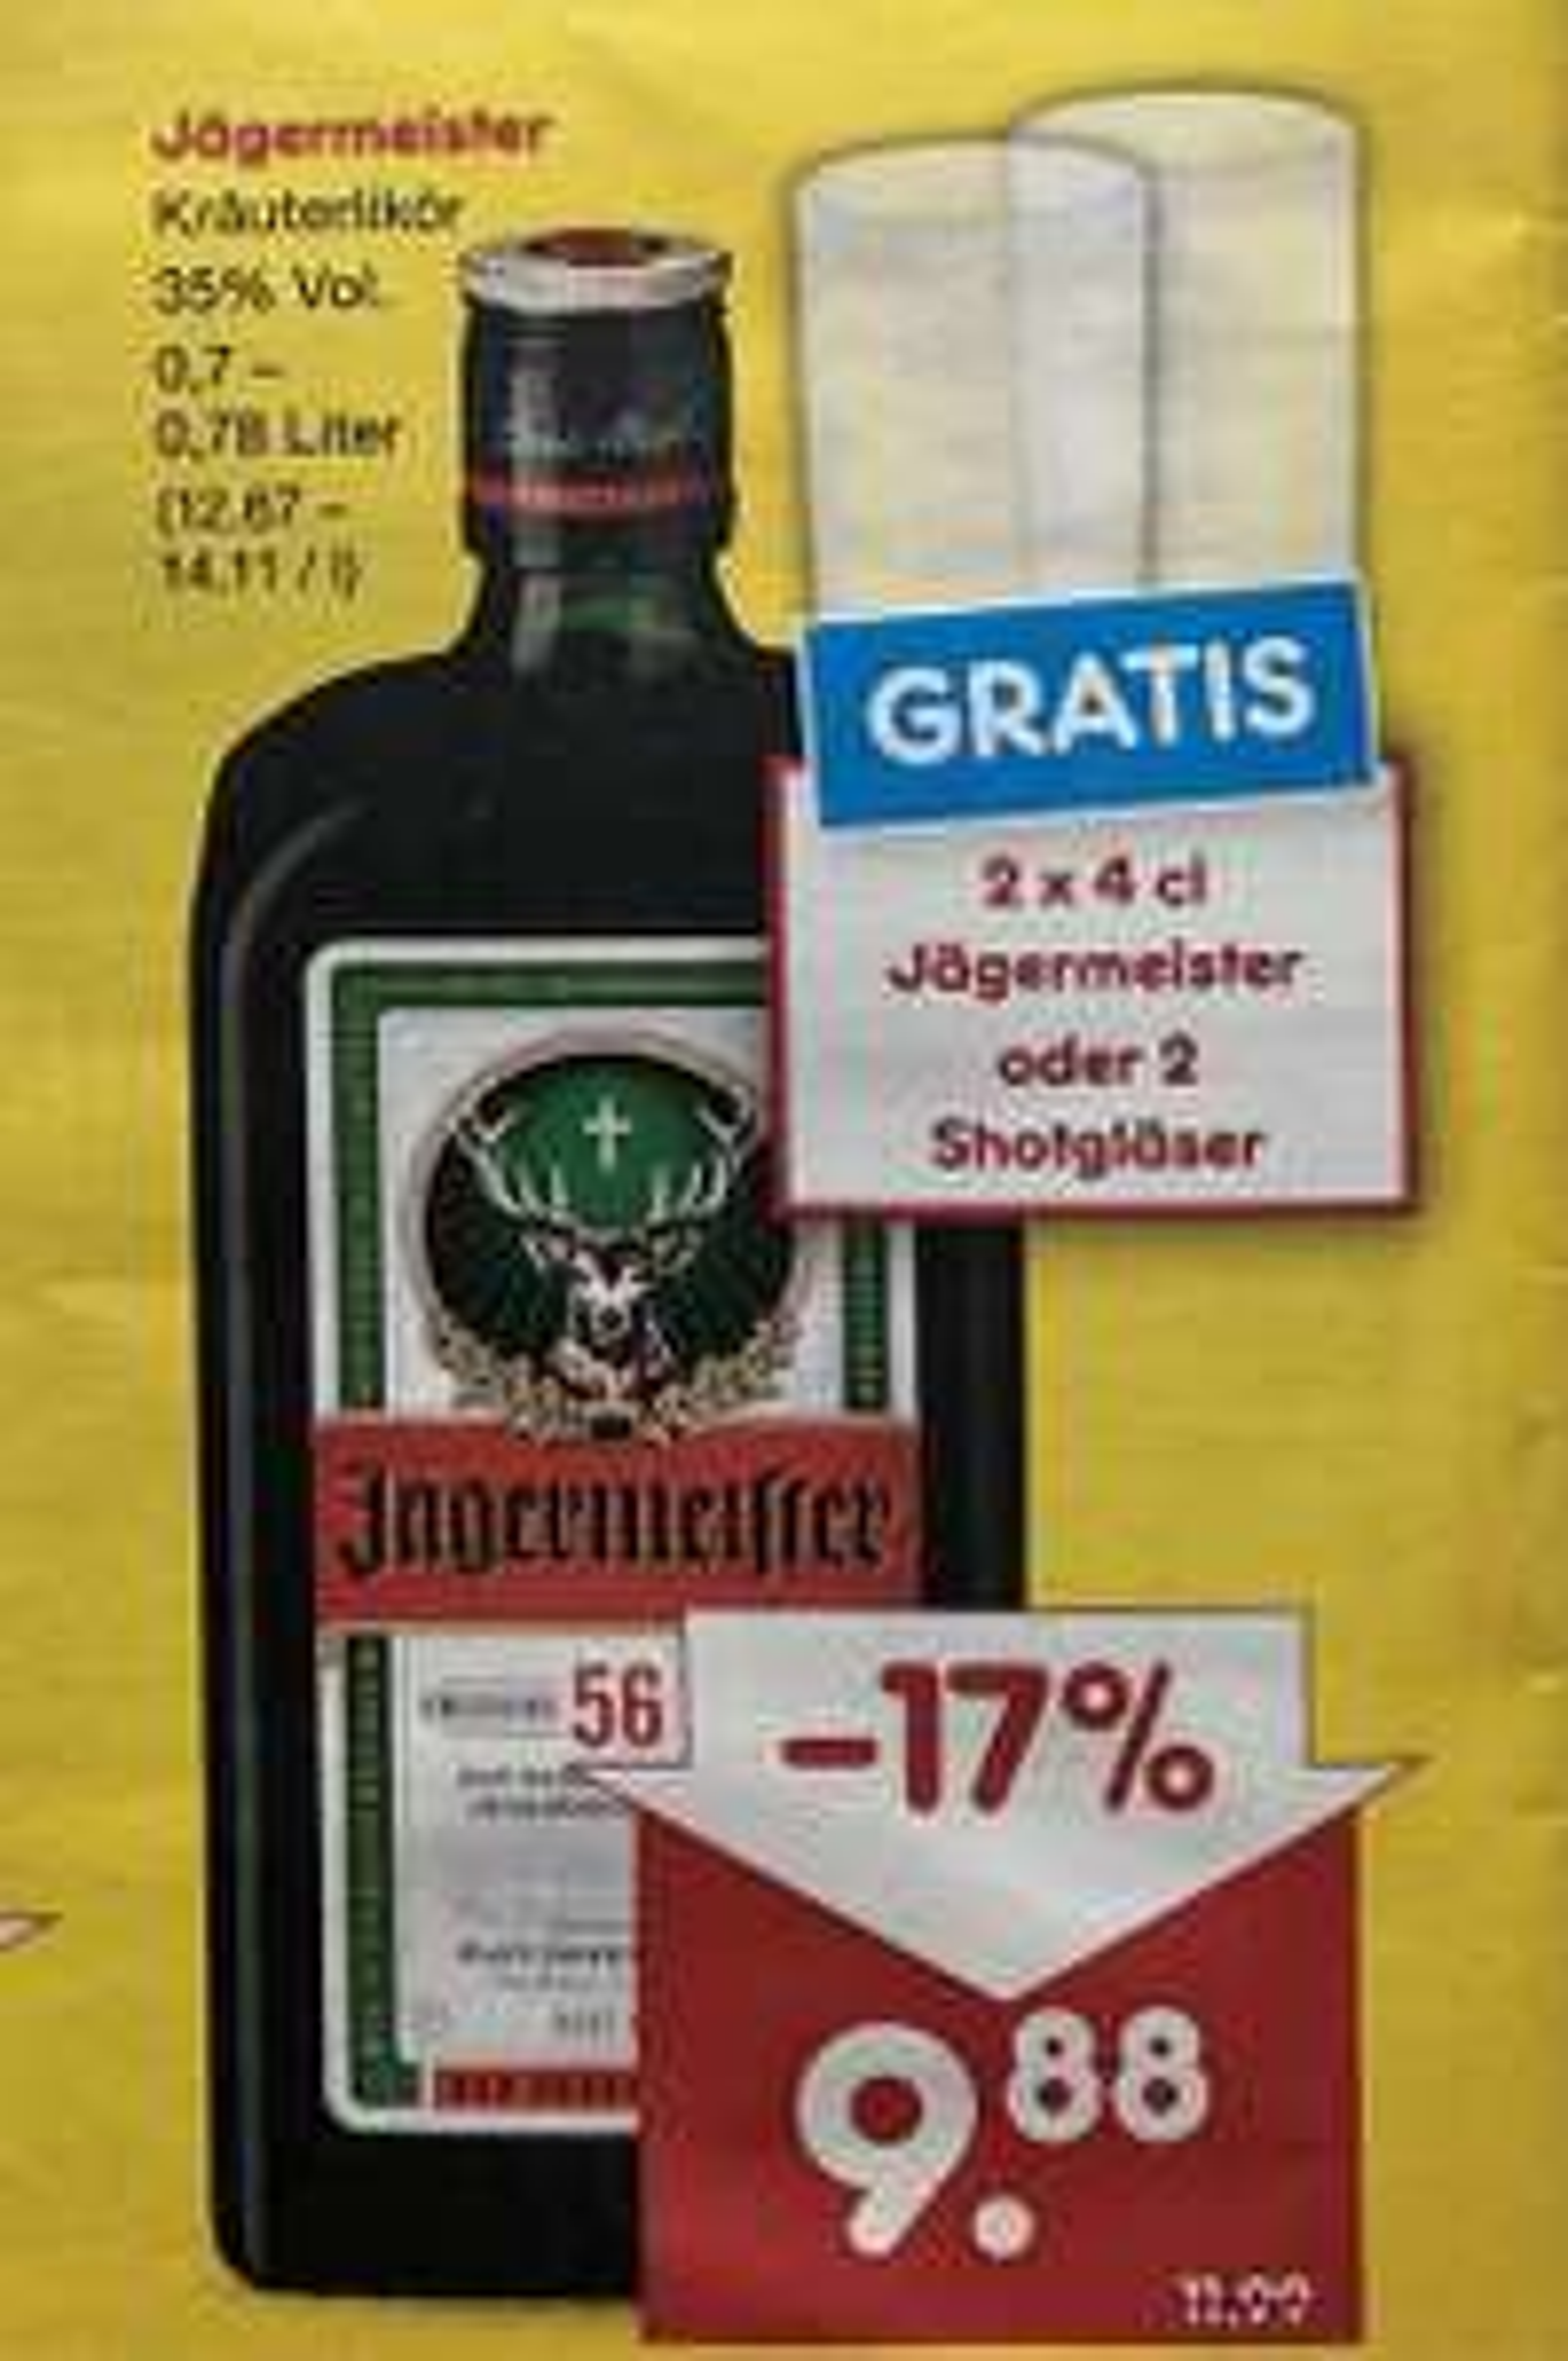 Jägermeister mit 2 Shotgläser oder 2 x 4cl gratis [Netto MD]